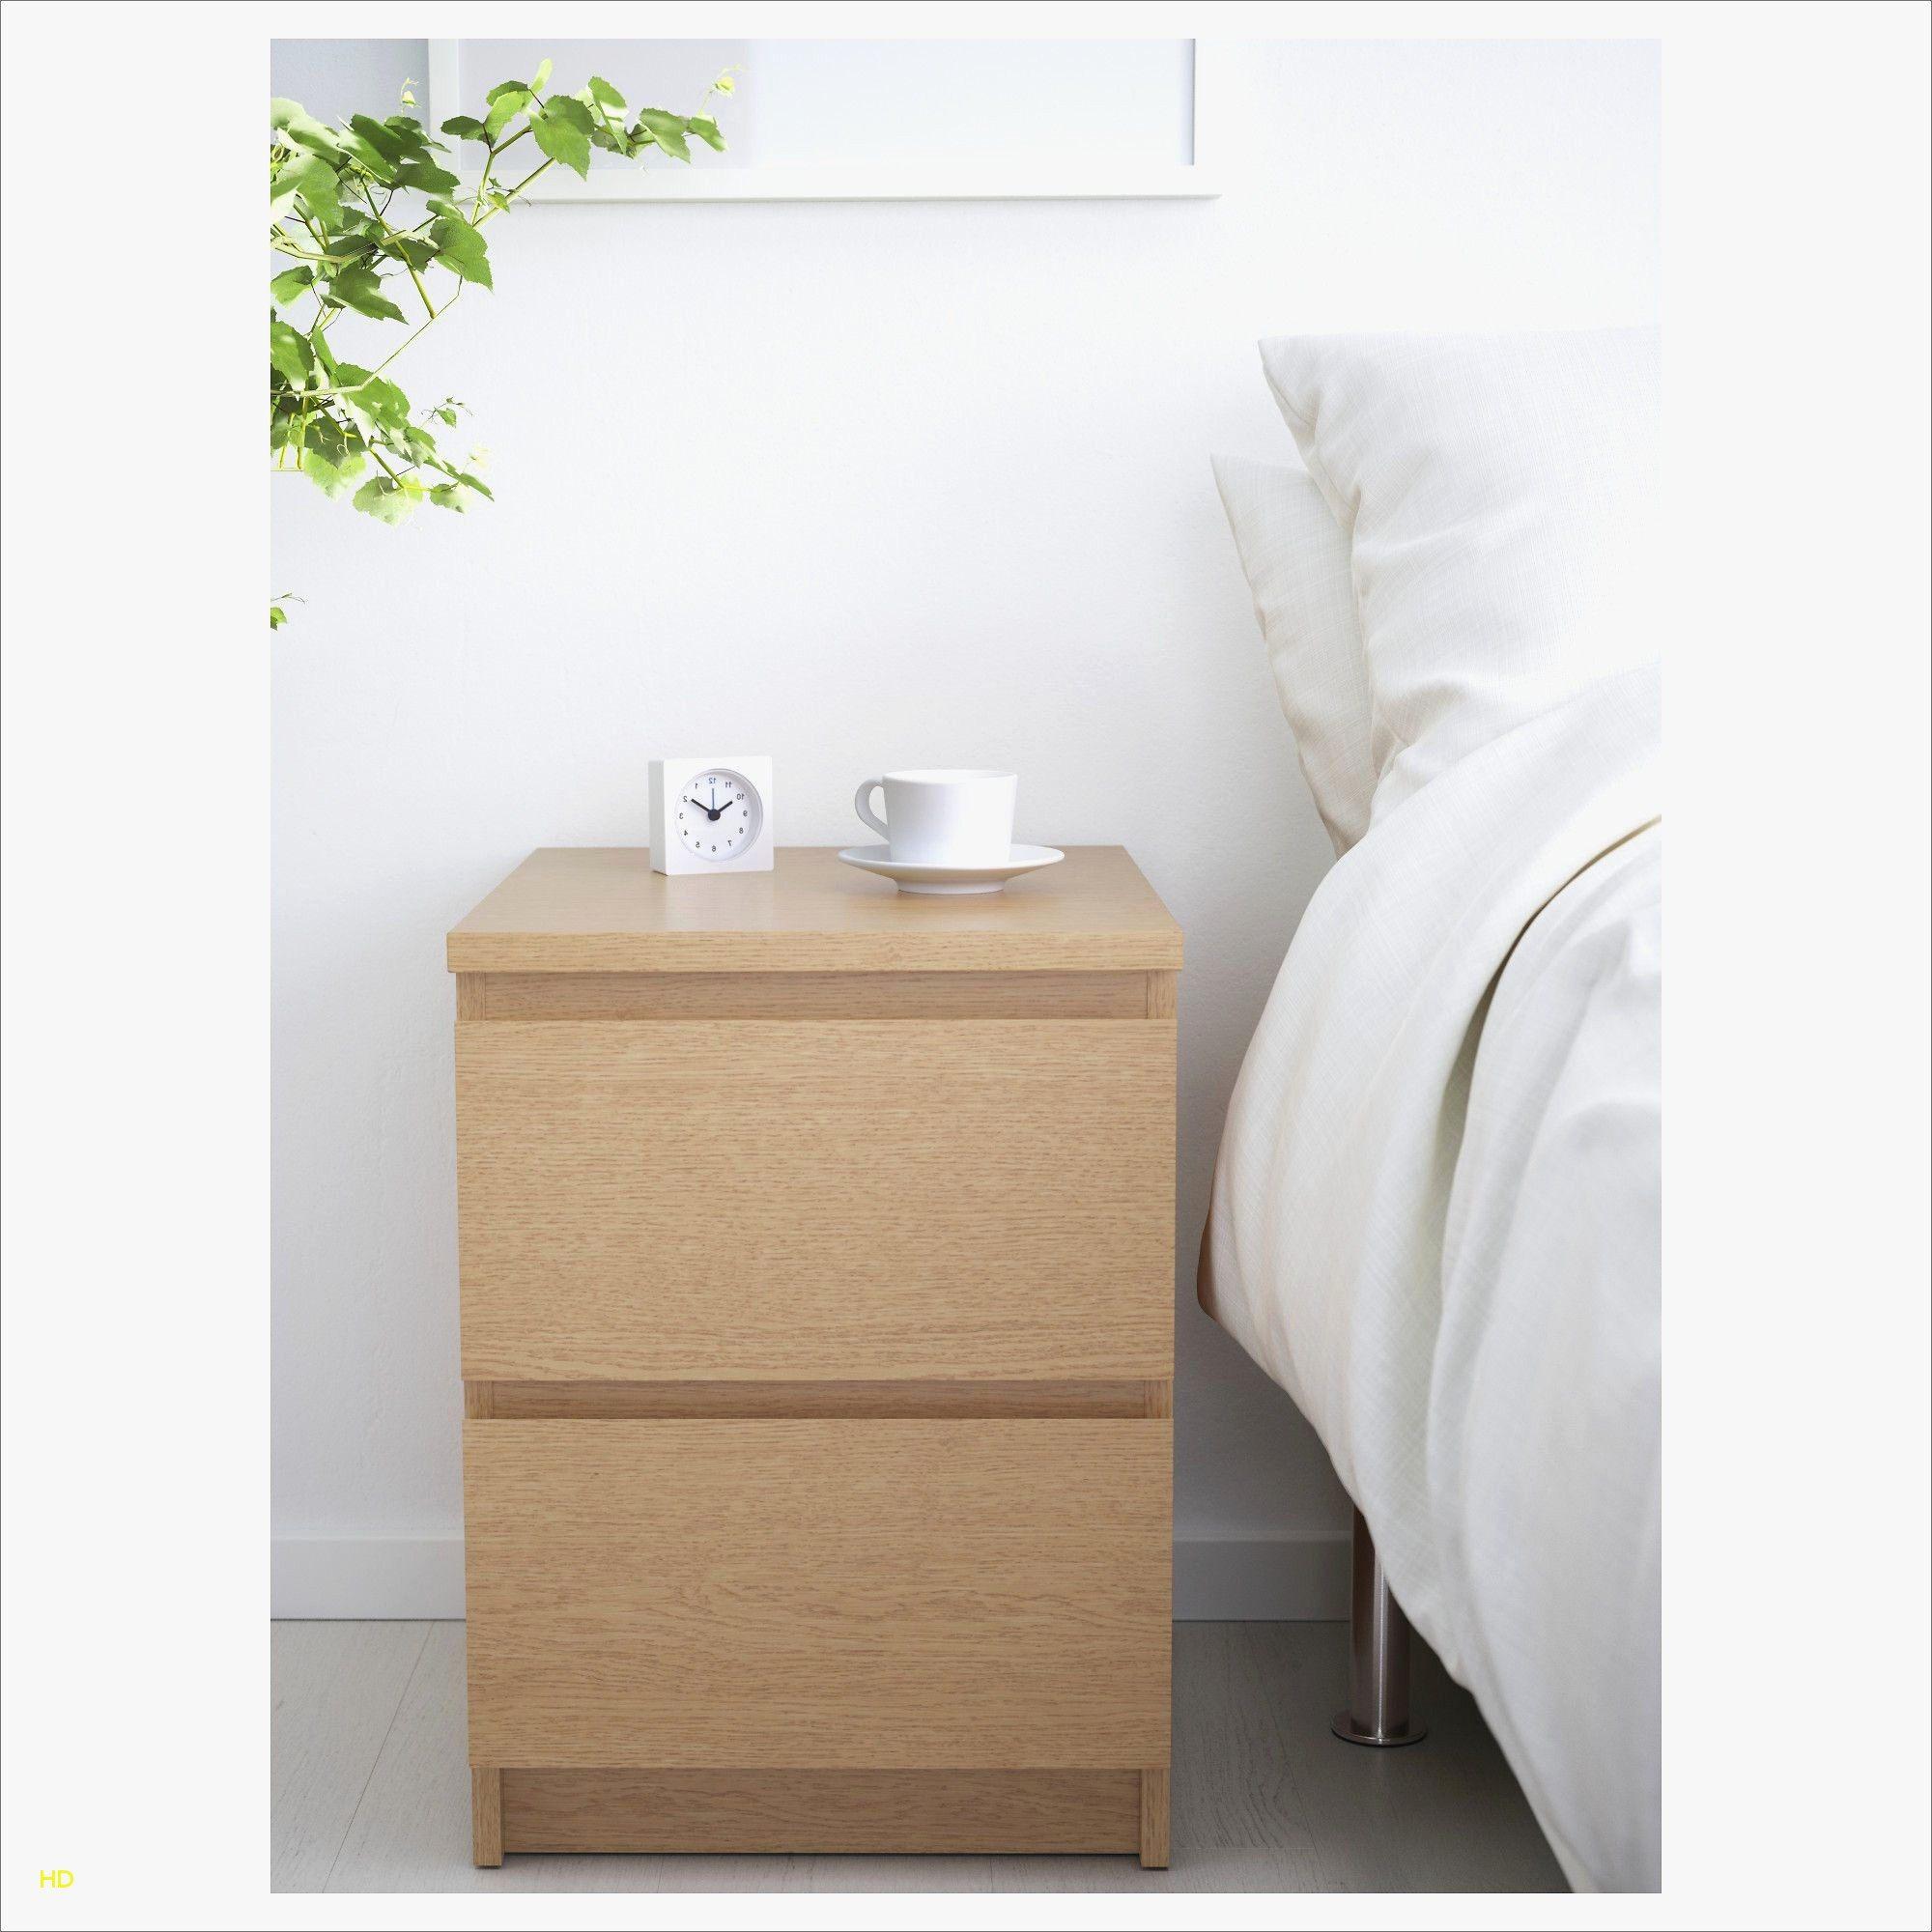 Bout De Lit Ikea Magnifique Banc Bout De Lit New Coffre Banc Ikea Charmant Fabuleux Banc Bout De